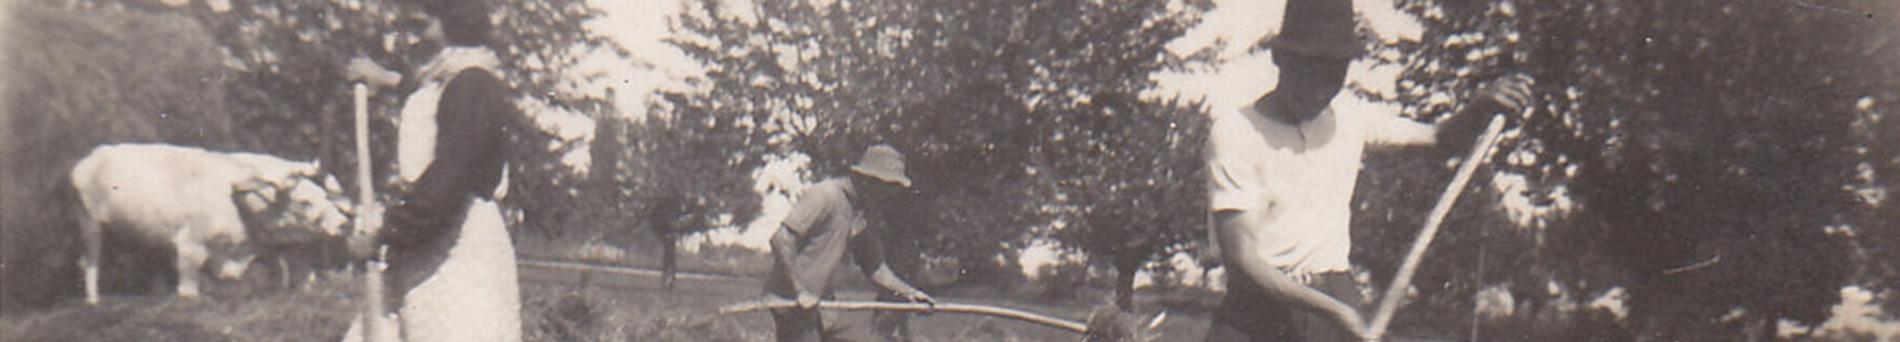 Storia dell'azienda agricola Agricorti - History of Agricorti farm